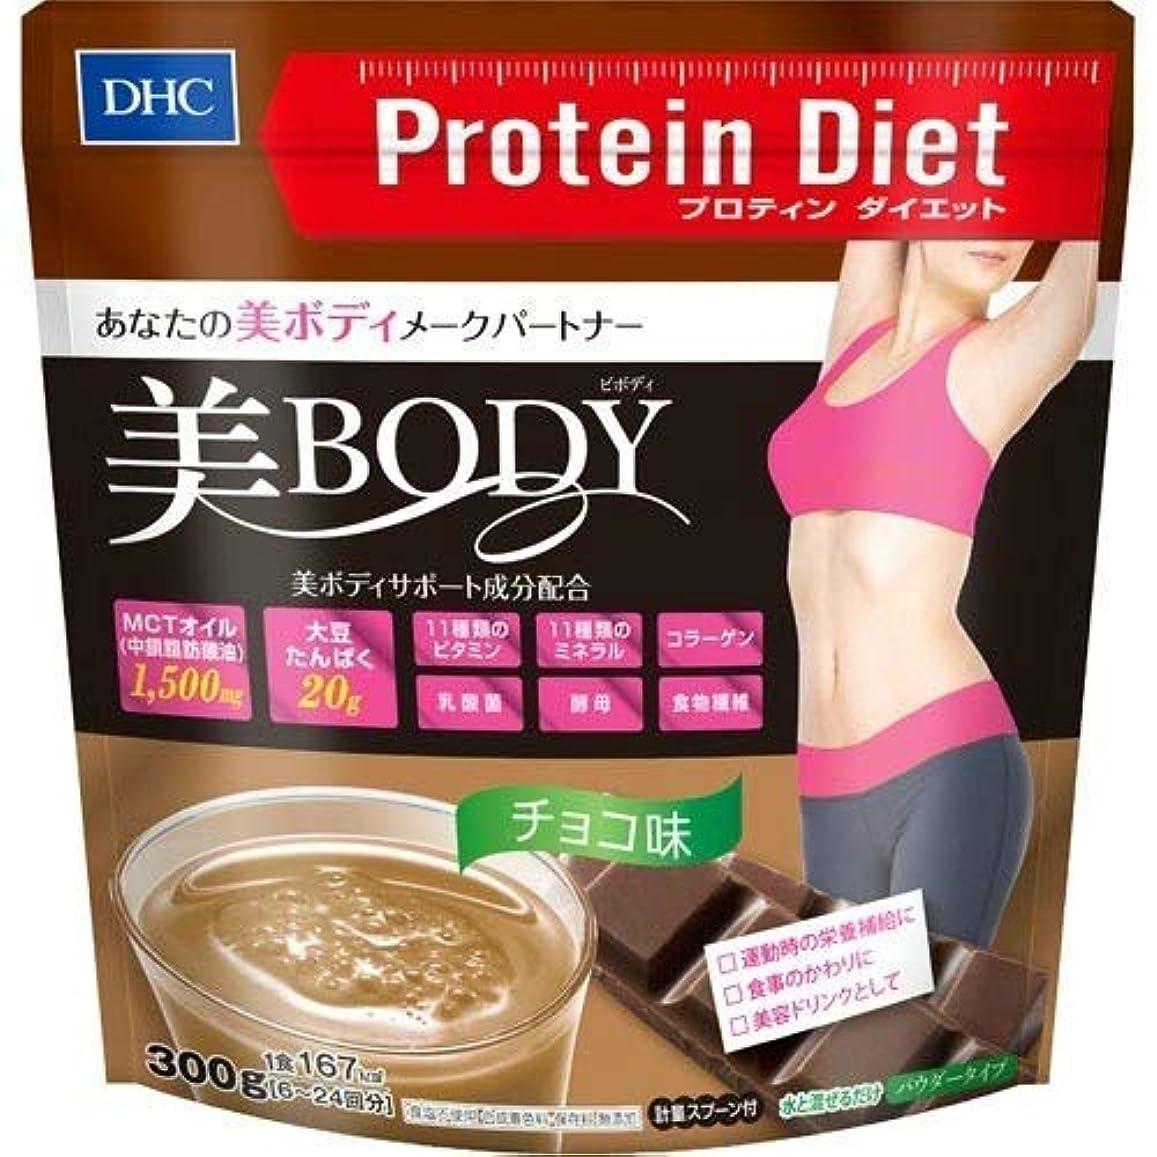 ハドル香水週間DHC プロテインダイエット 美Body チョコ味 300g × 5個セット